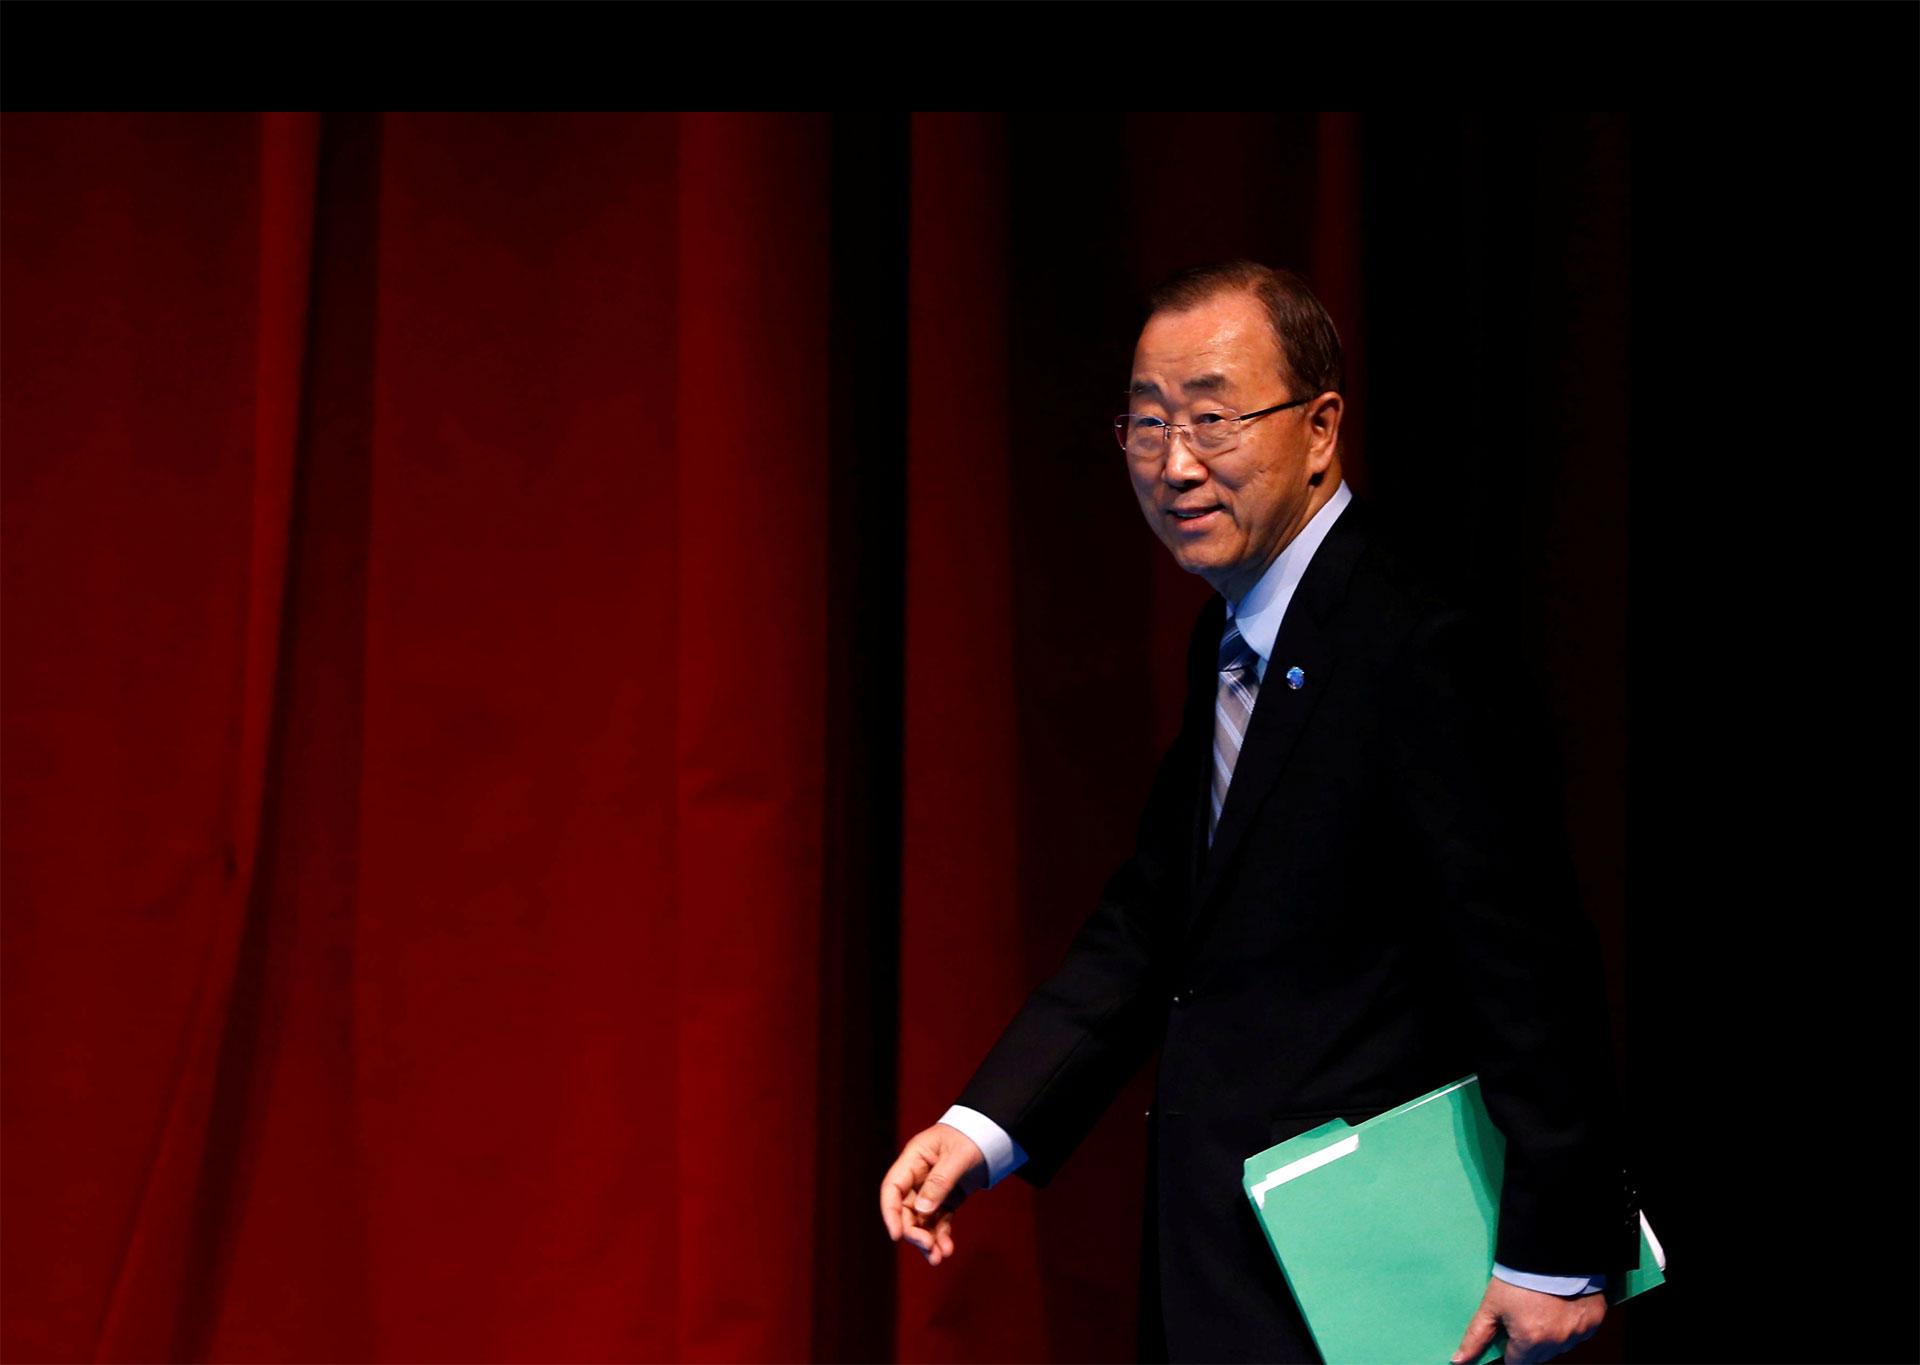 El secretario general de la ONU se reunirá con solicitantes de asilo, previo a una cumbre de aloto nivel que abordará el tema